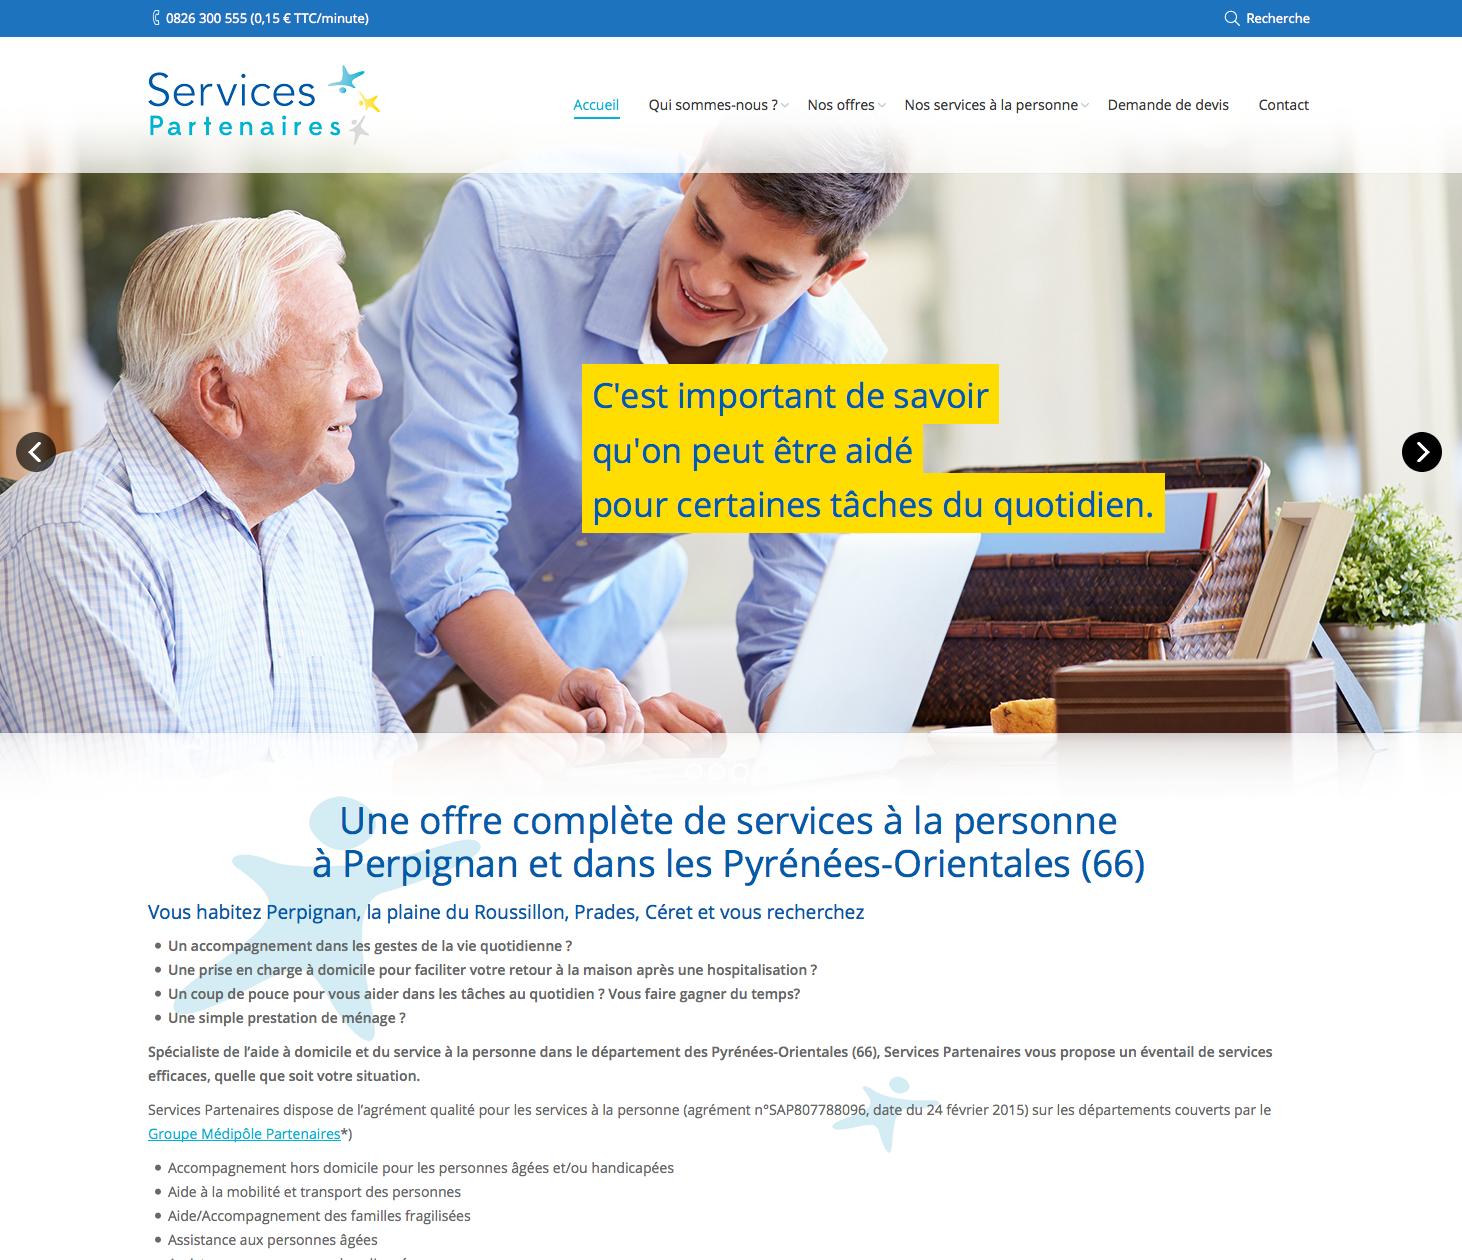 services-personne-perpignan